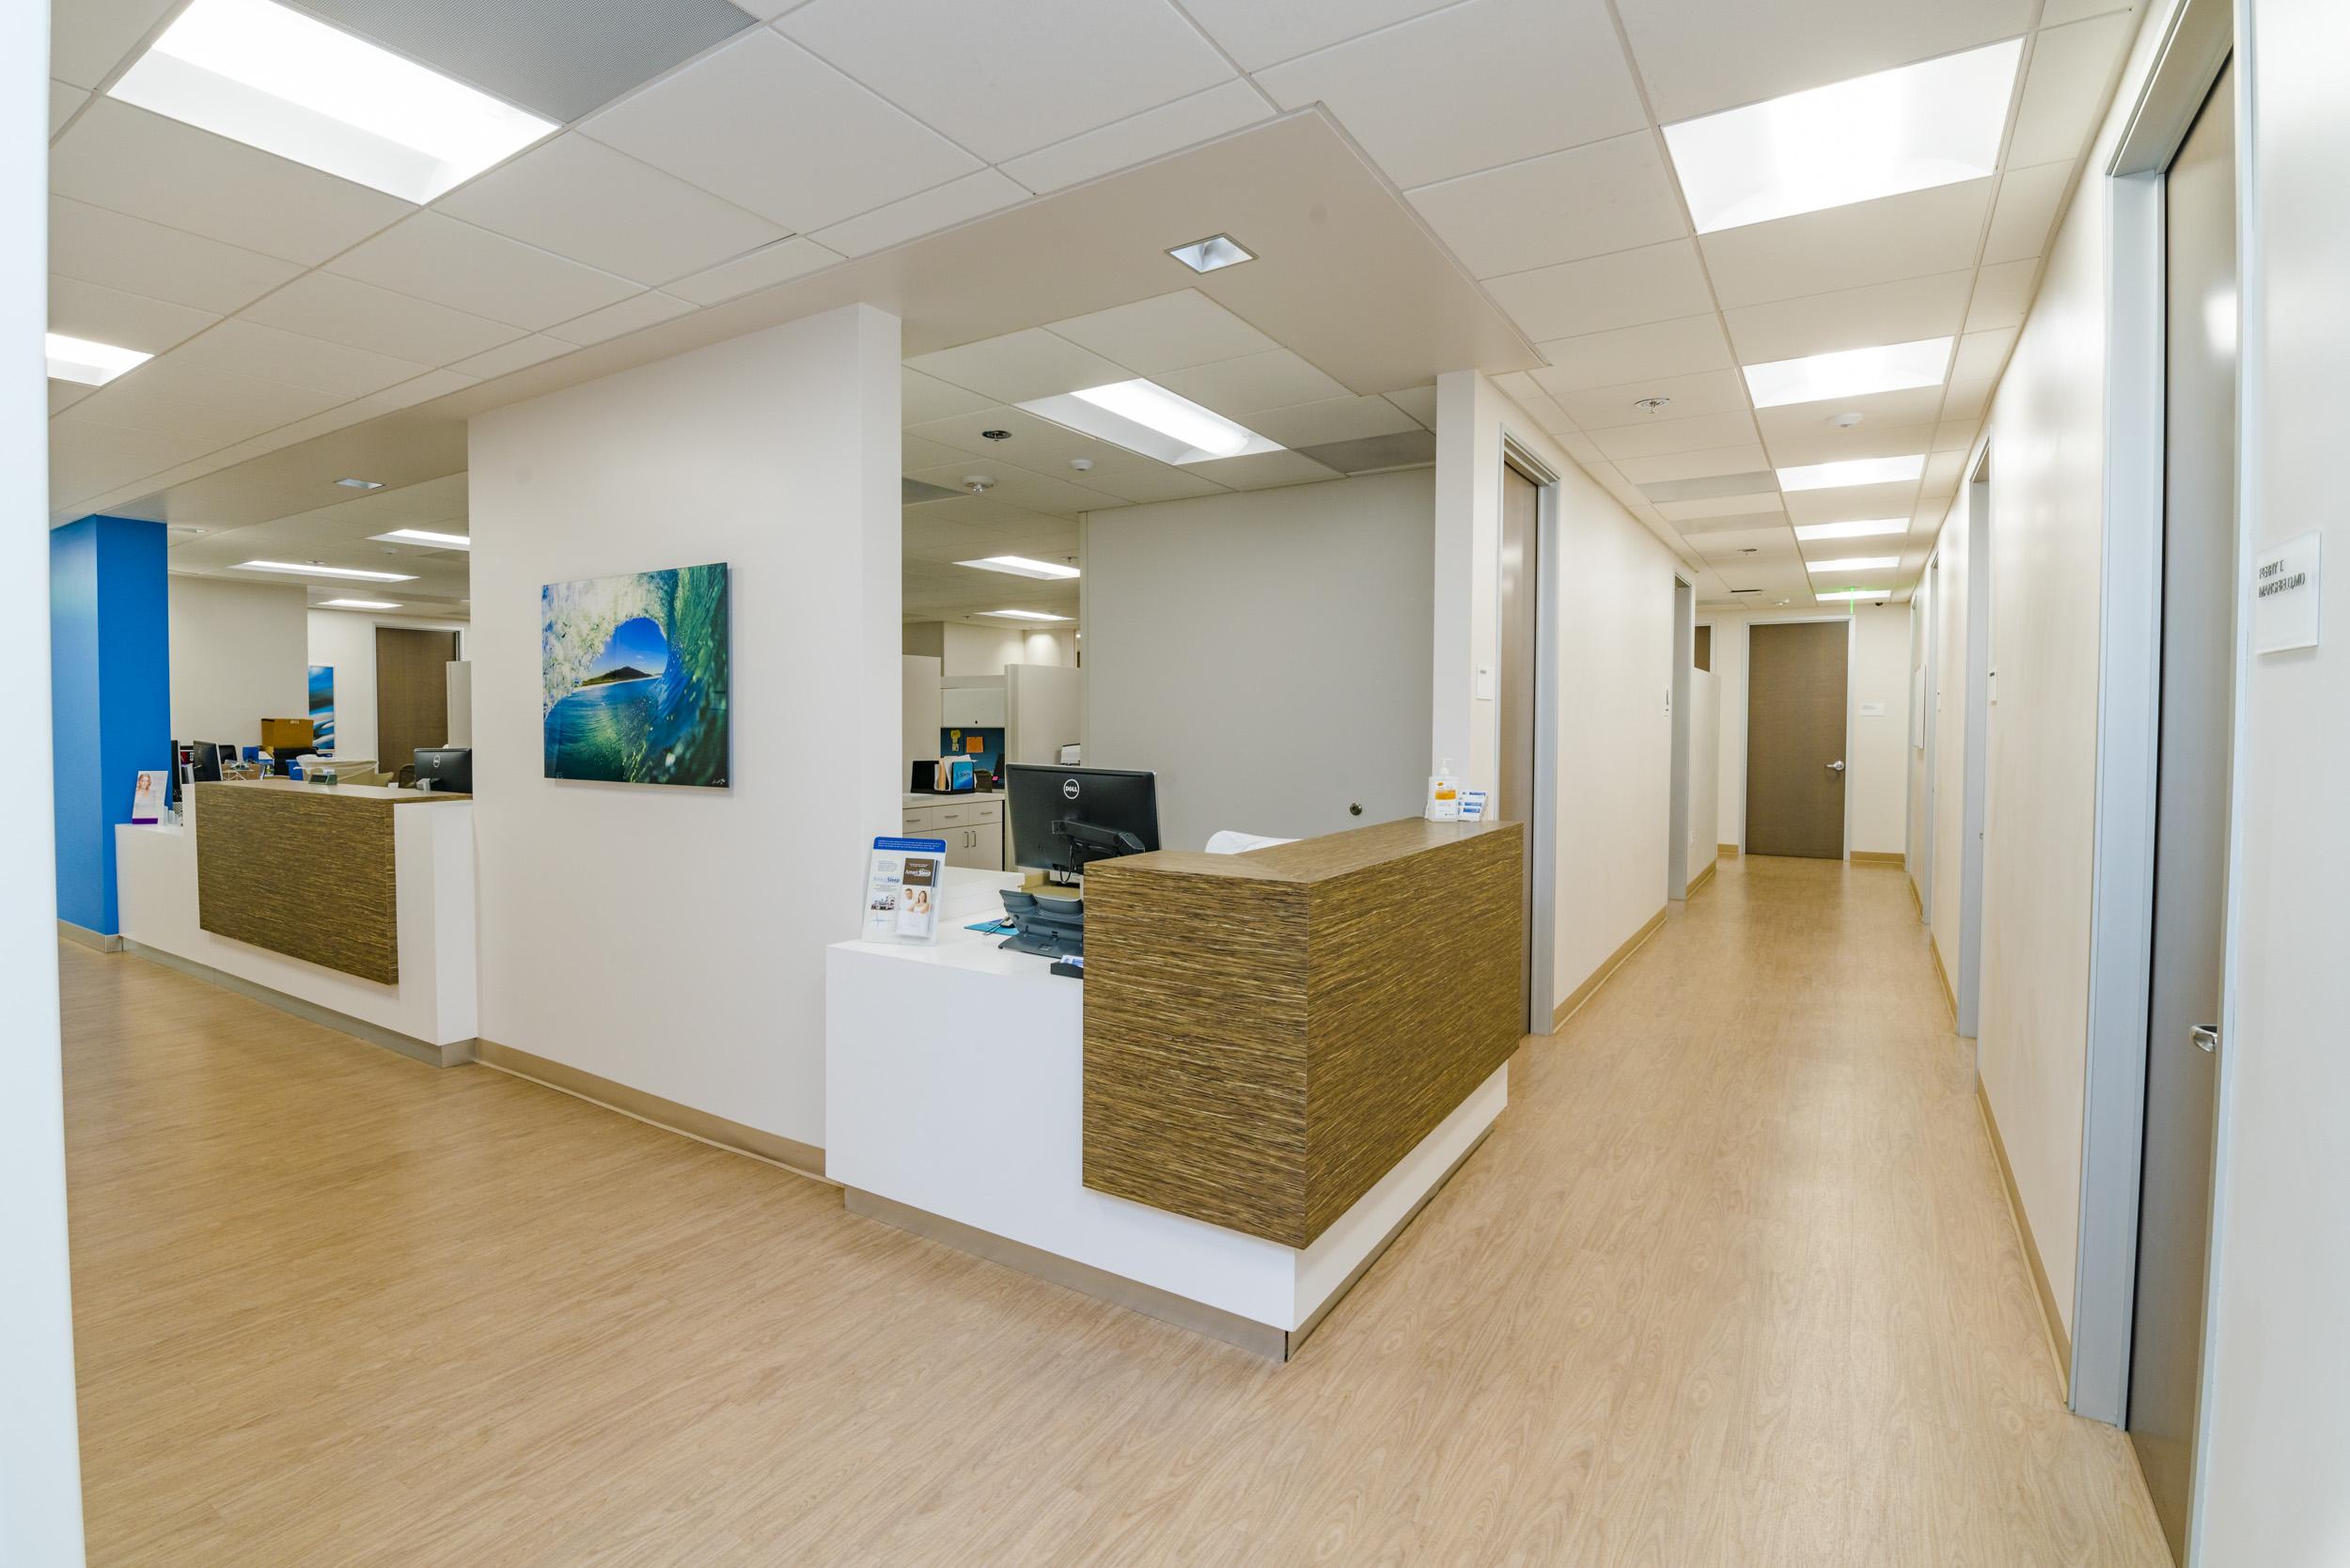 Senta Clinic Interior Web Res (9 of 10).JPG